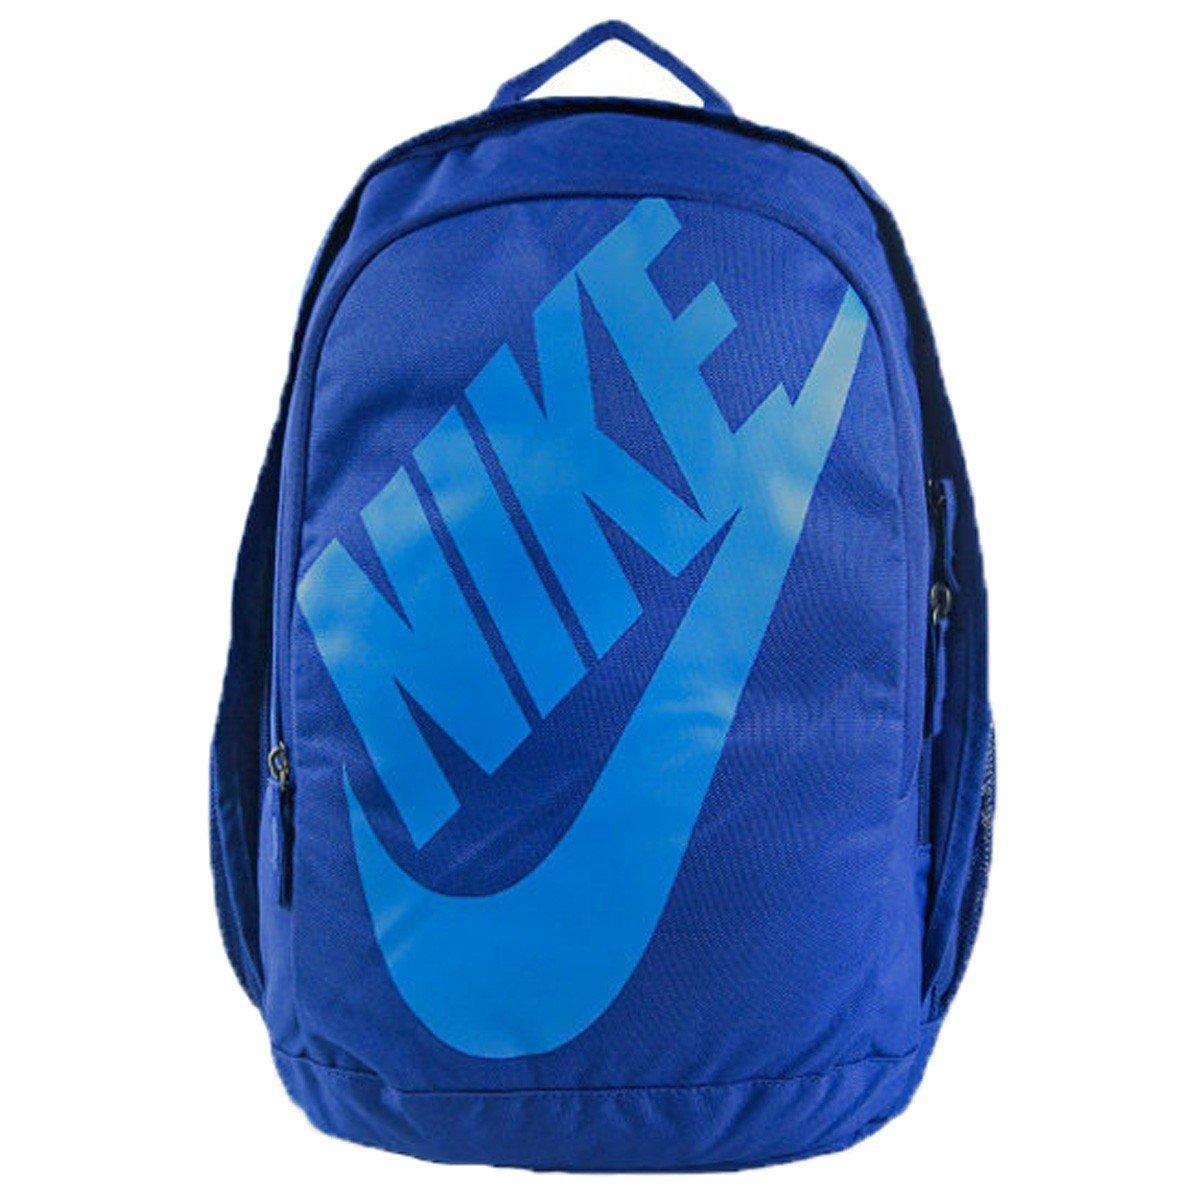 c95b1abc5f Mochila Nike Hayward Futura 2.0 BA5217-455 - - Calçados Online ...